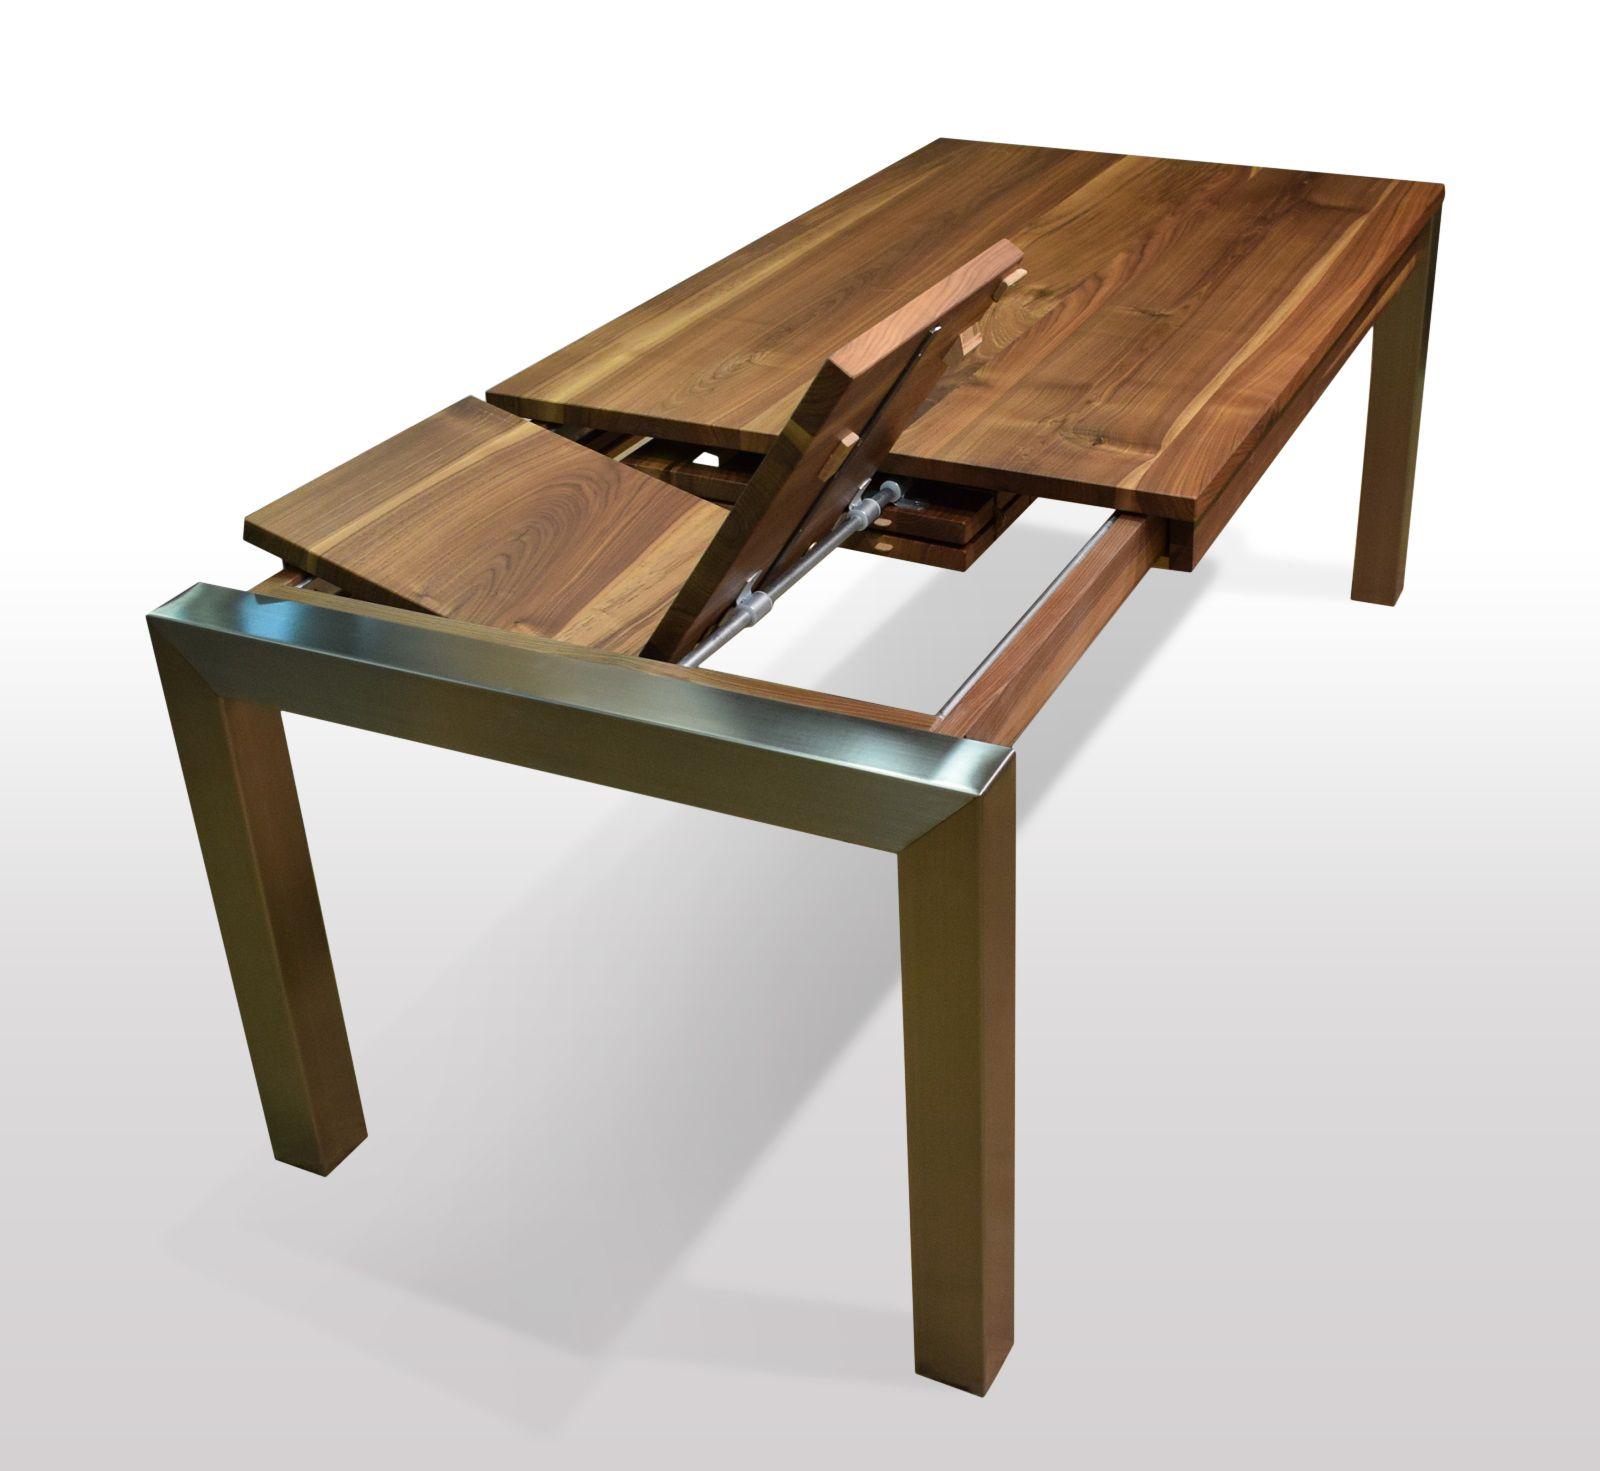 Tisch Nussbaum Massiv Breite 80cm Lange Wahlbar Esstisch